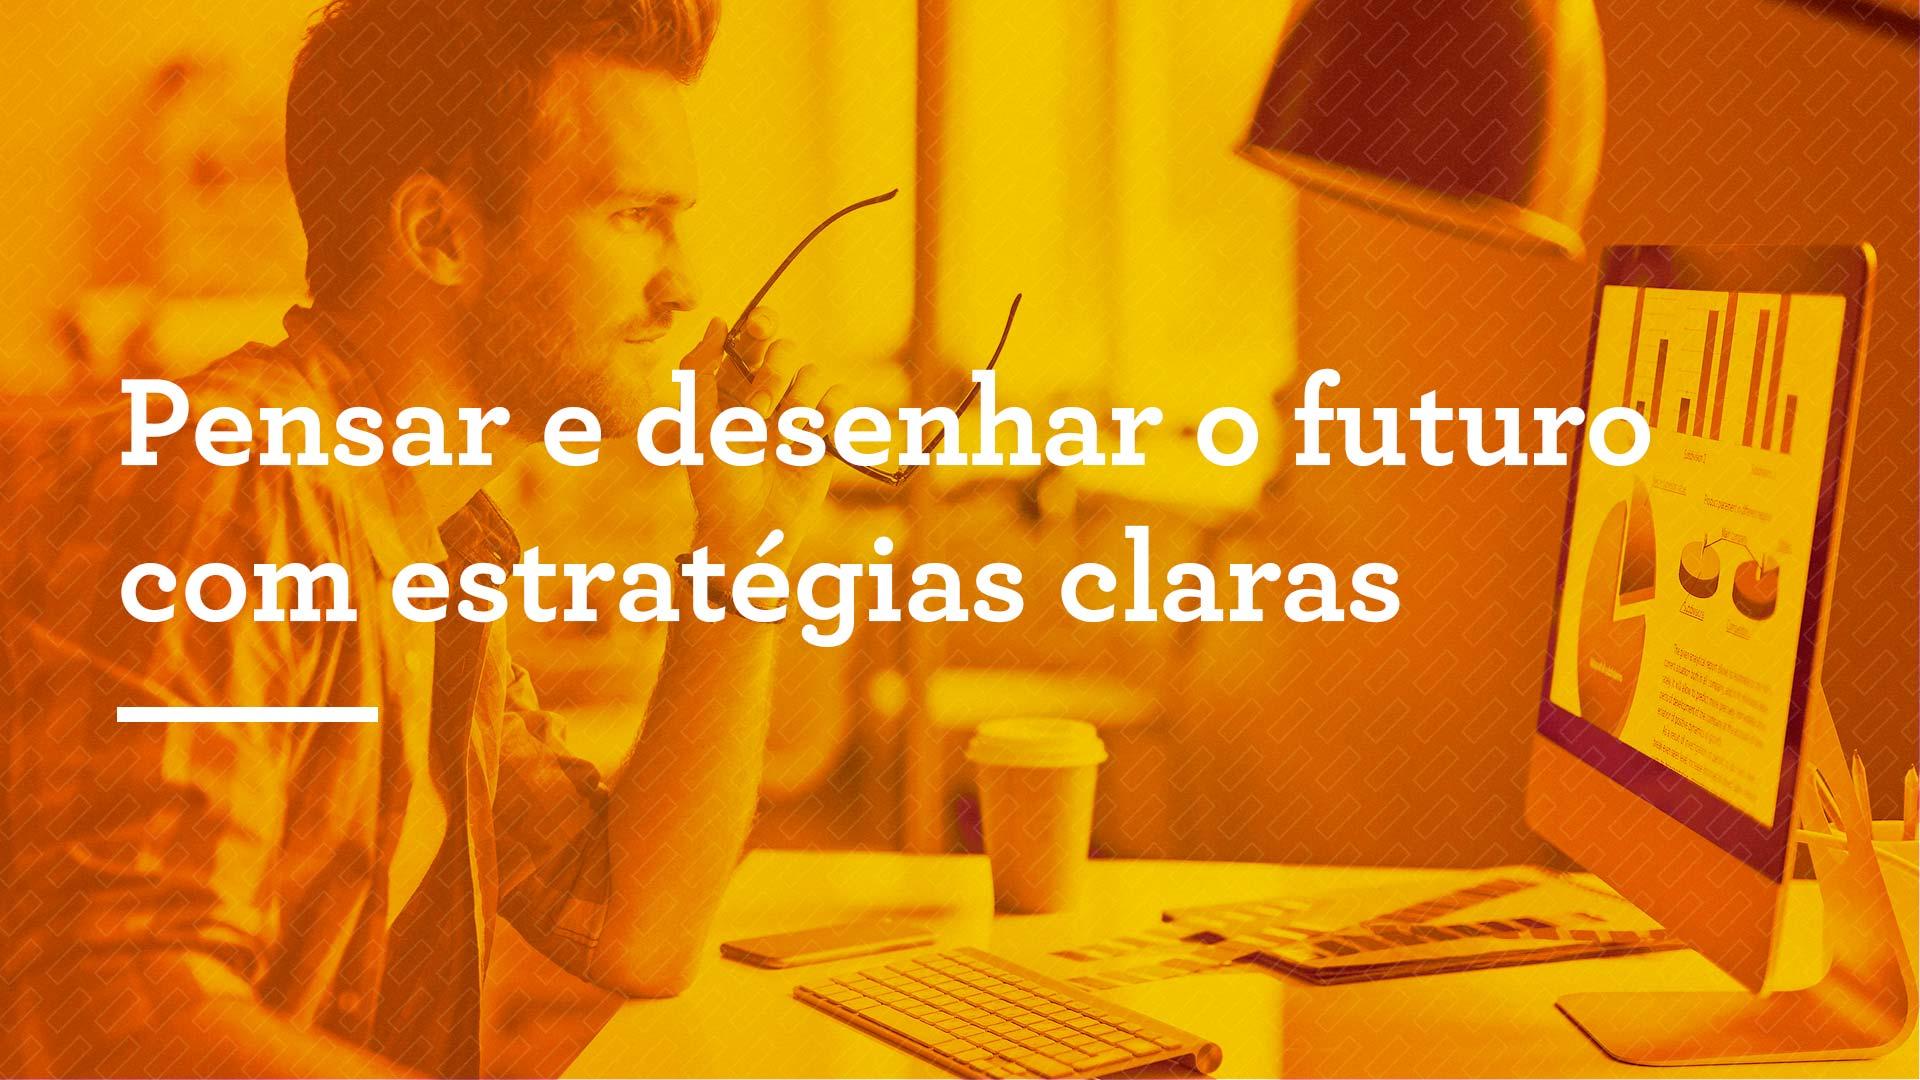 Pensar e desenhar o futuro com estratégias claras